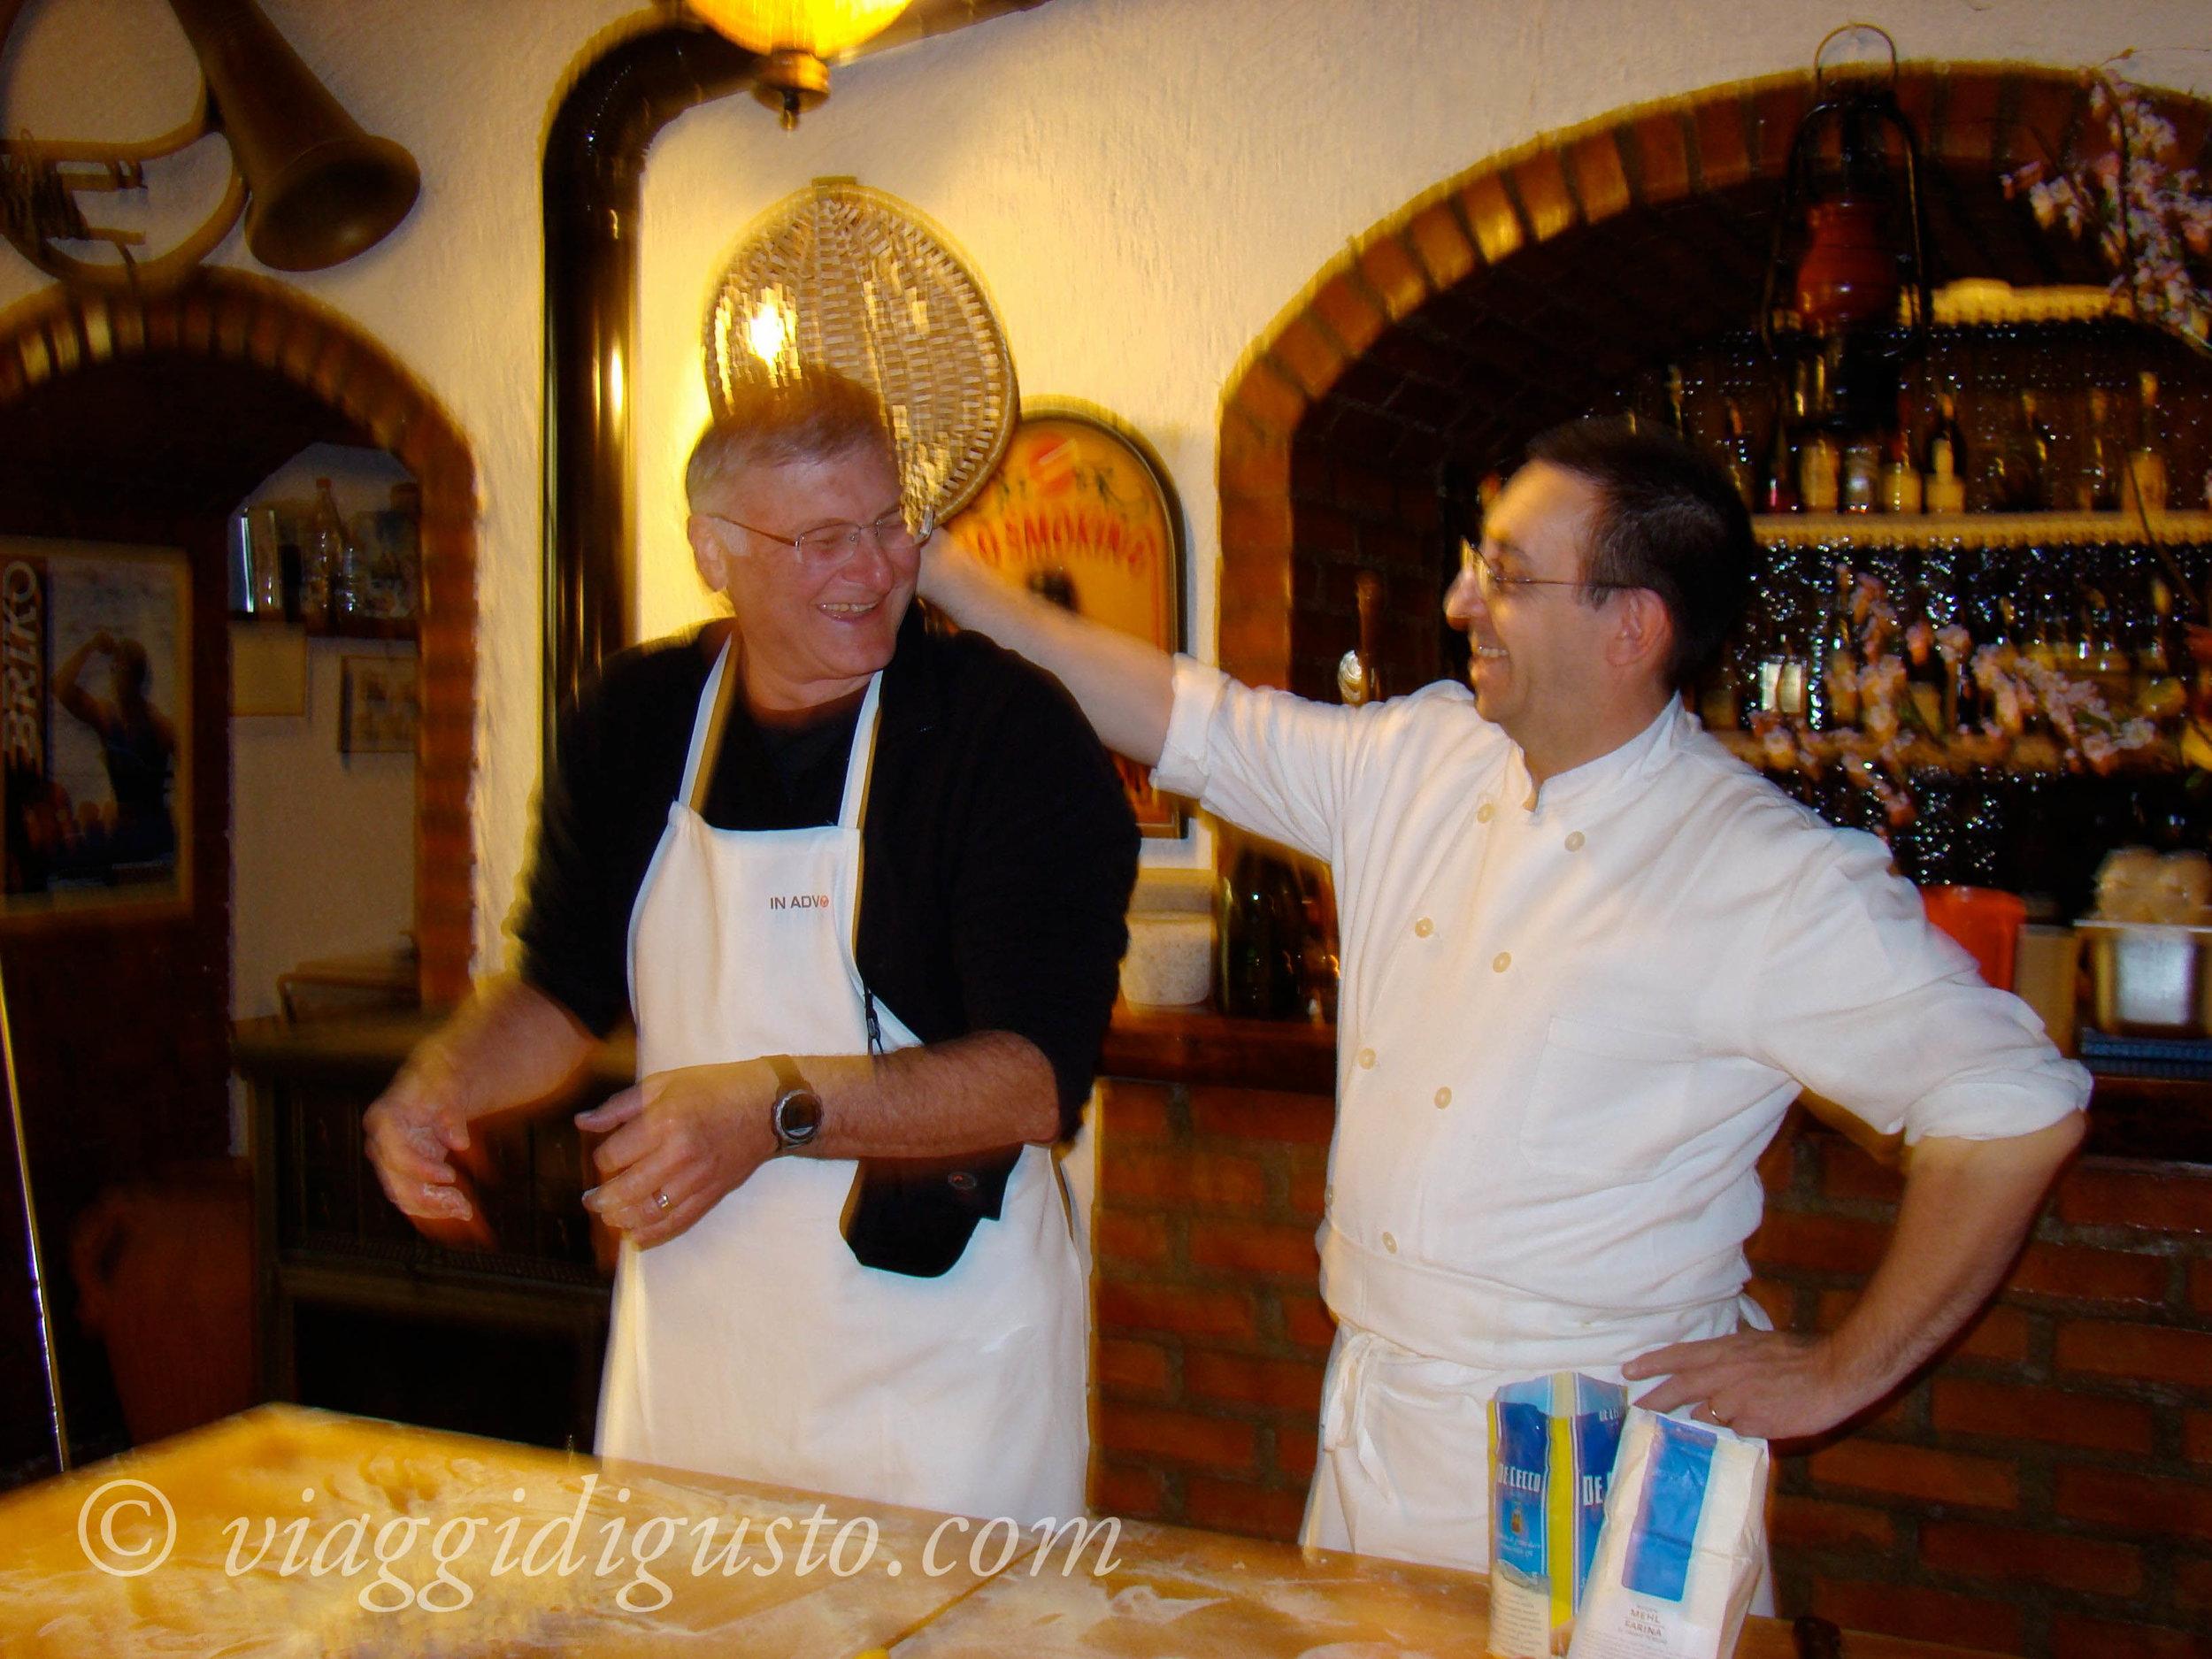 pasta making-2.jpg